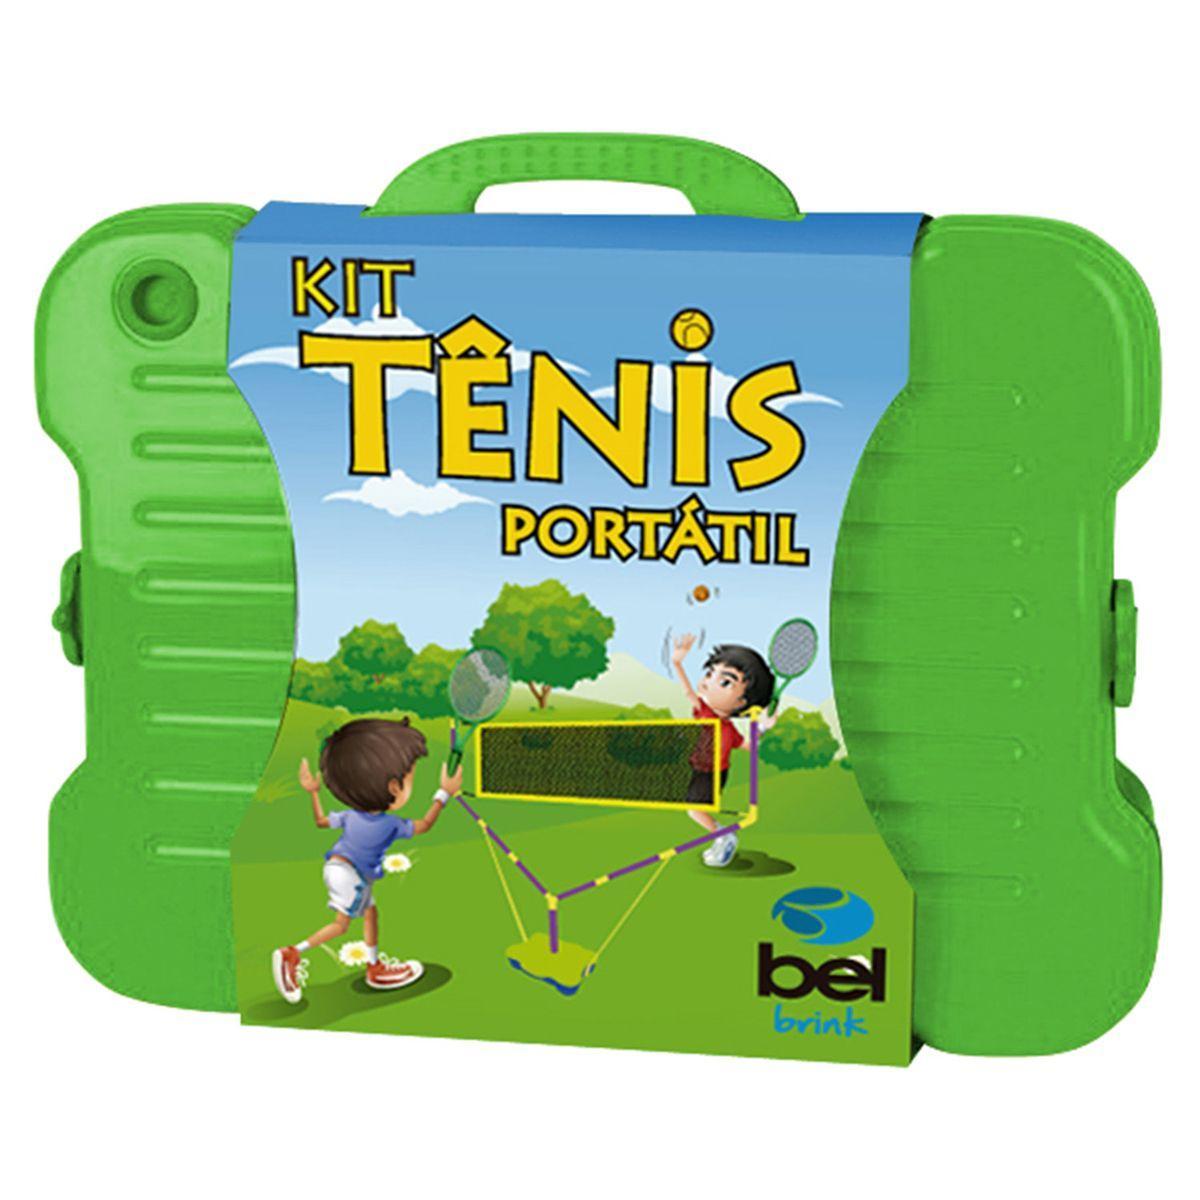 Kit Para Jogo De Tênis Com Rede E Bola Bel Brink Produto não disponível f99bf3bfd328c